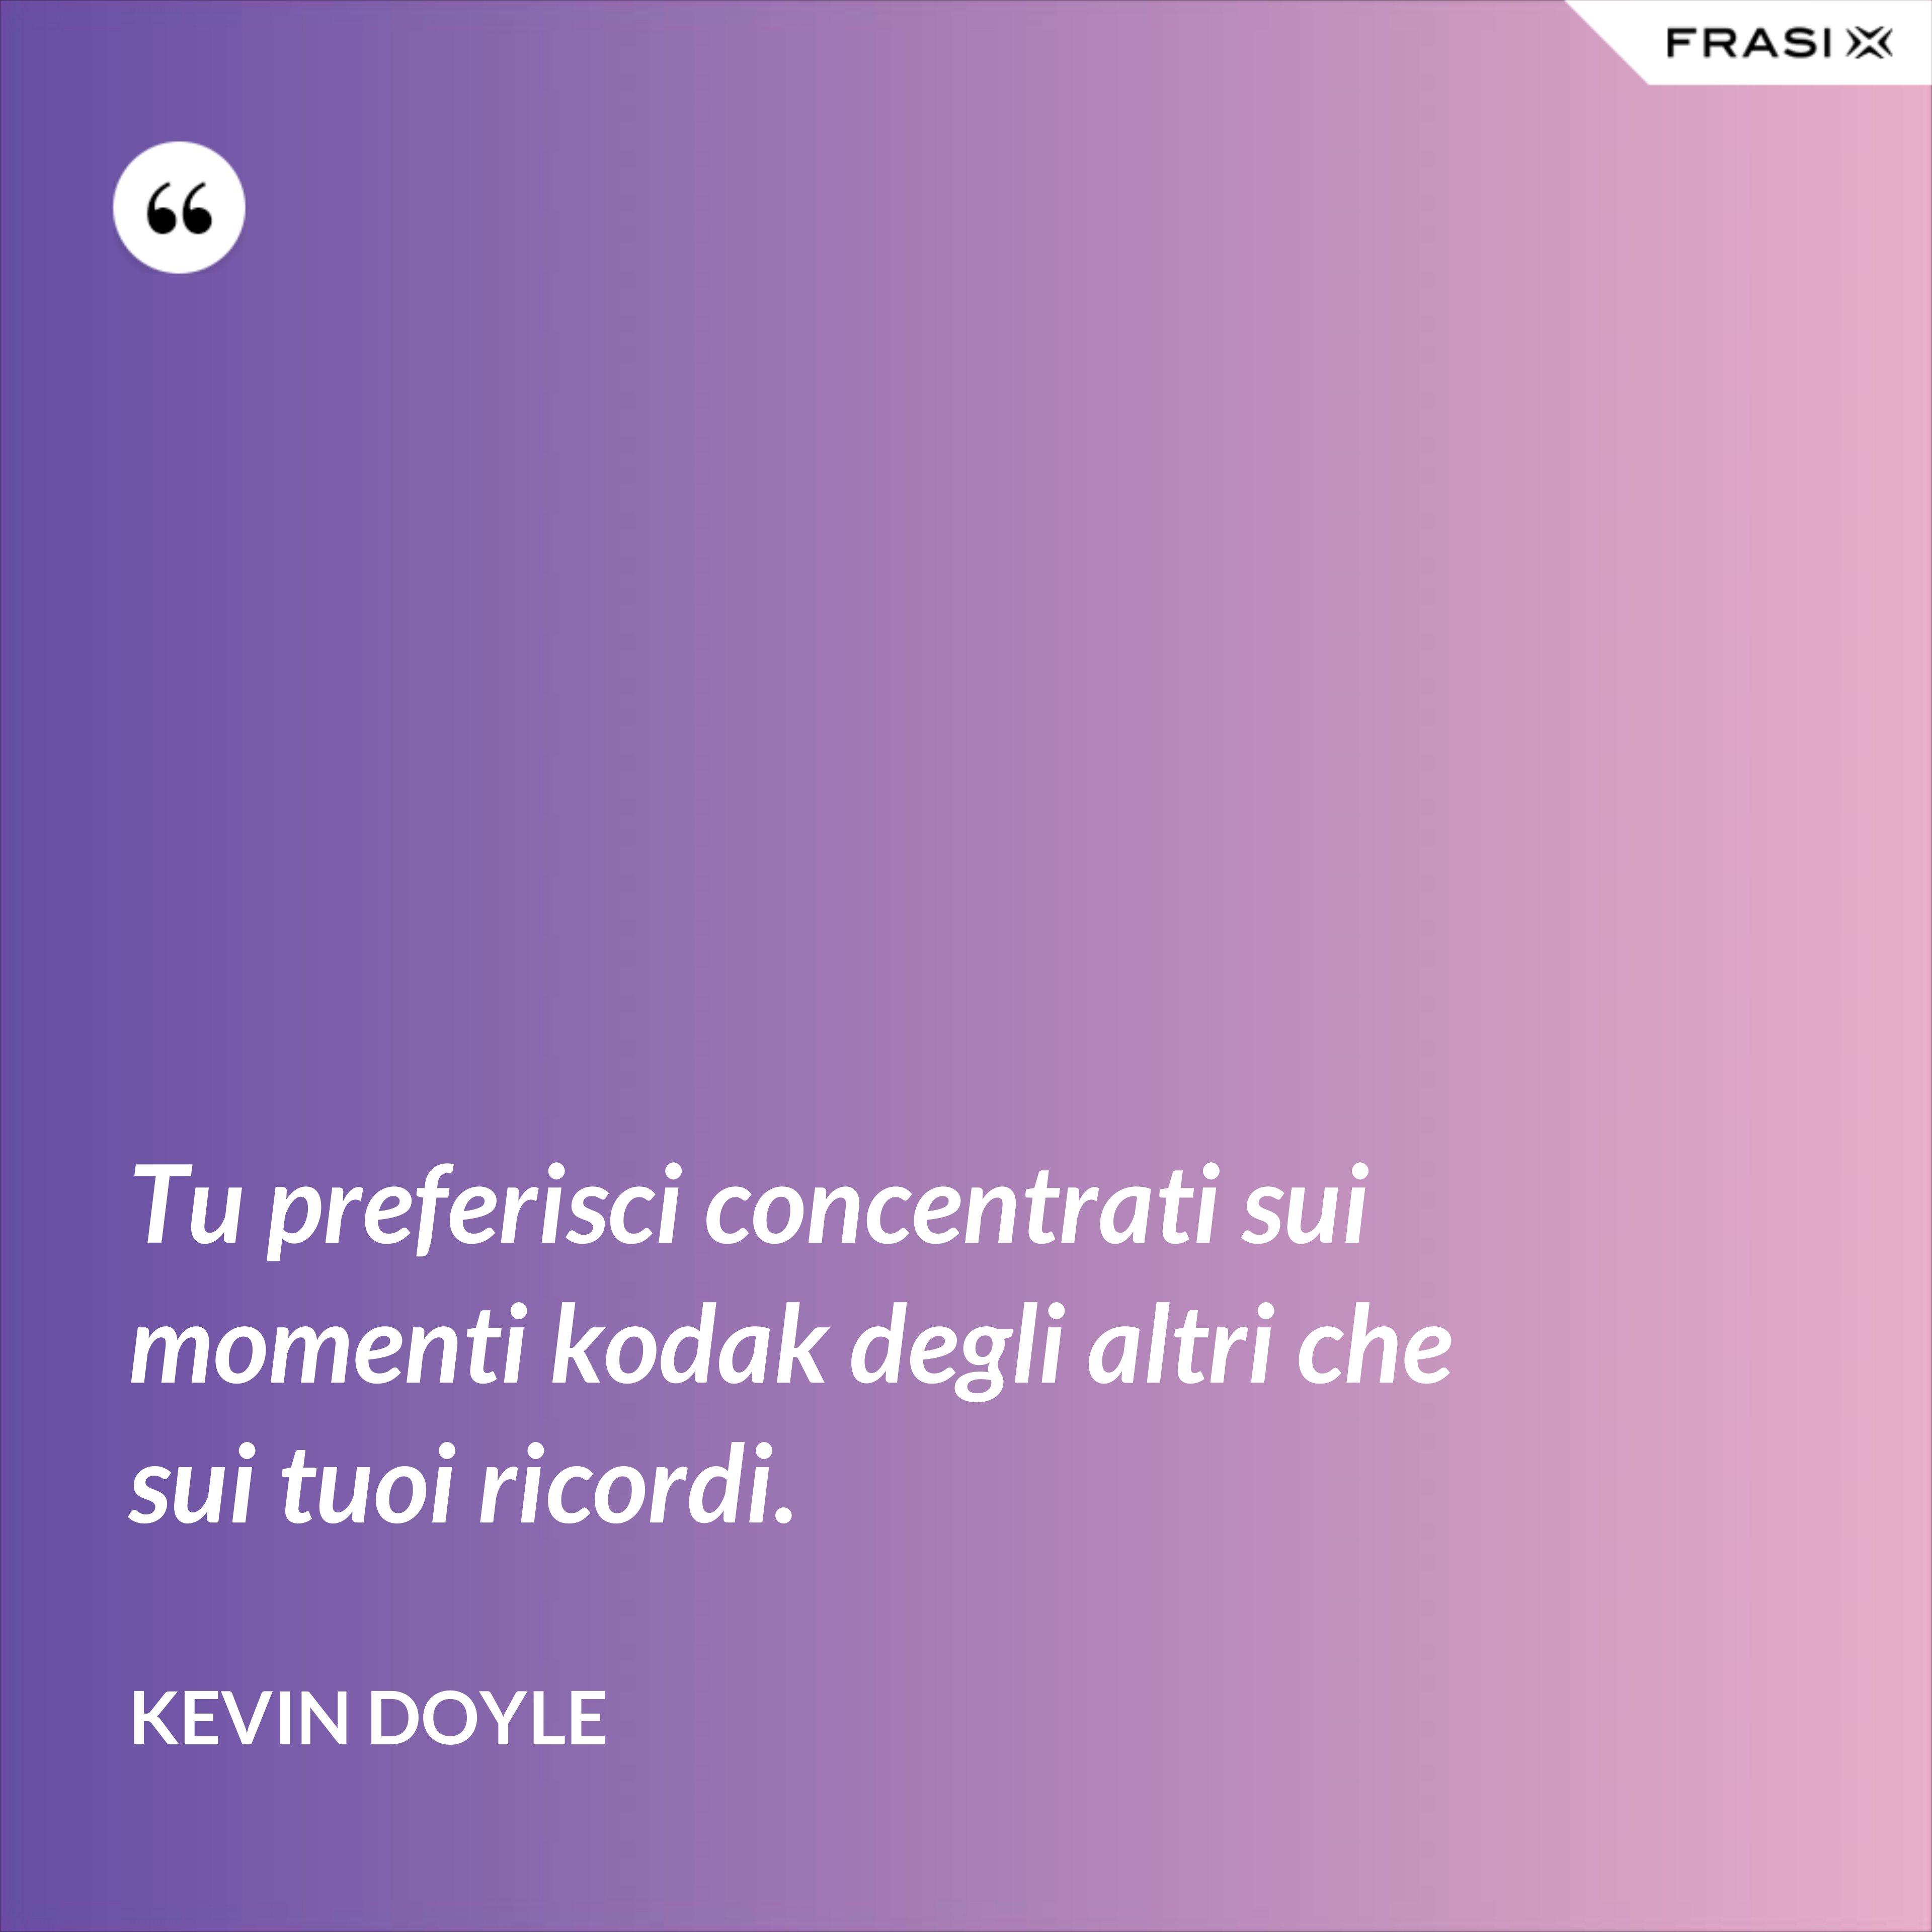 Tu preferisci concentrati sui momenti kodak degli altri che sui tuoi ricordi. - Kevin Doyle